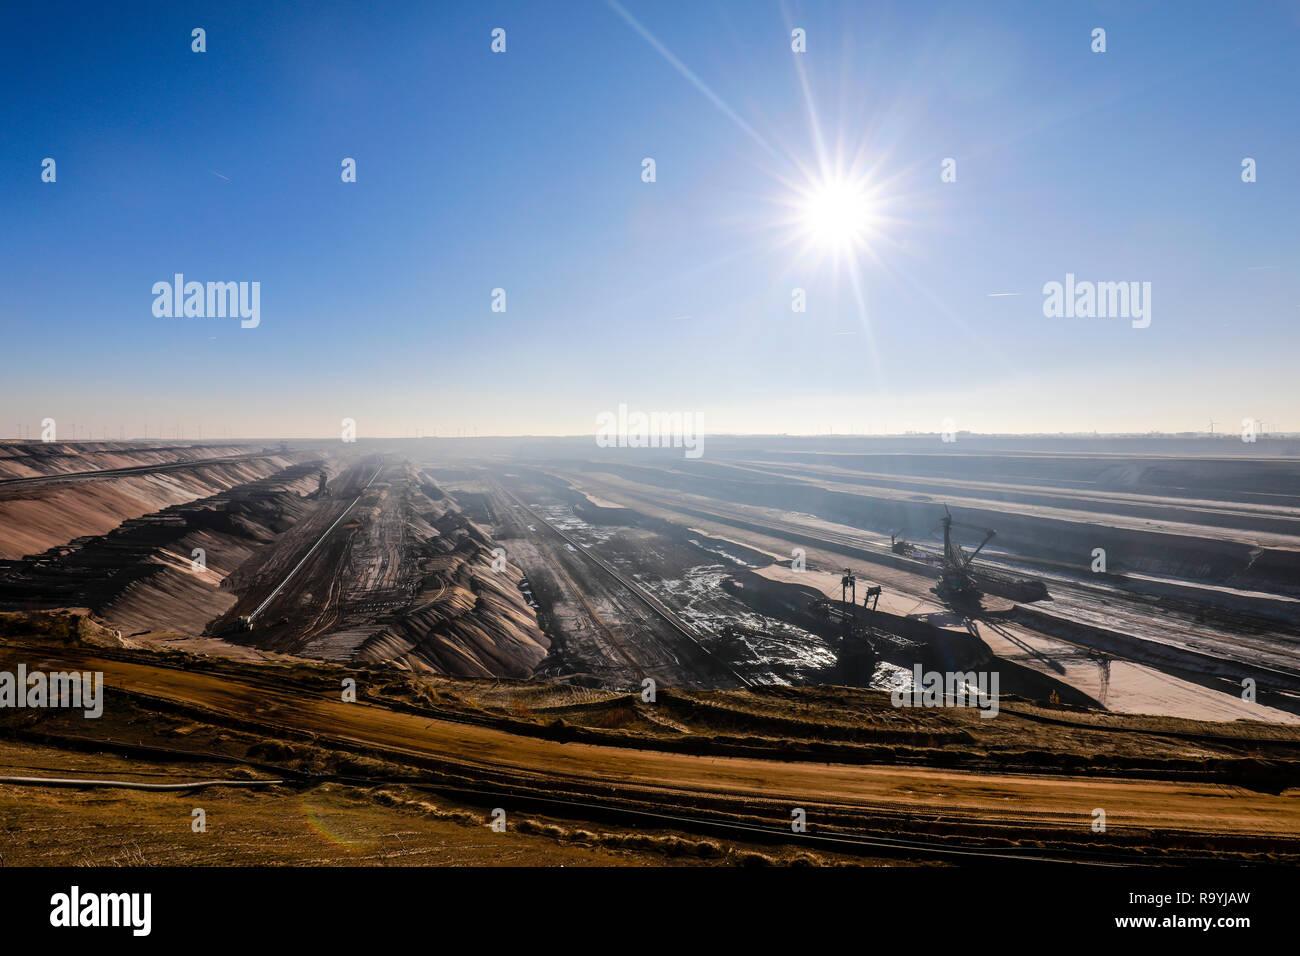 18.11.2018, Juechen, Nordrhein-Westfalen, Deutschland - RWE Braunkohletagebau Garzweiler. 00X181118D009CARO [MODEL RELEASE: NOT APPLICABLE, PROPERTY R - Stock Image